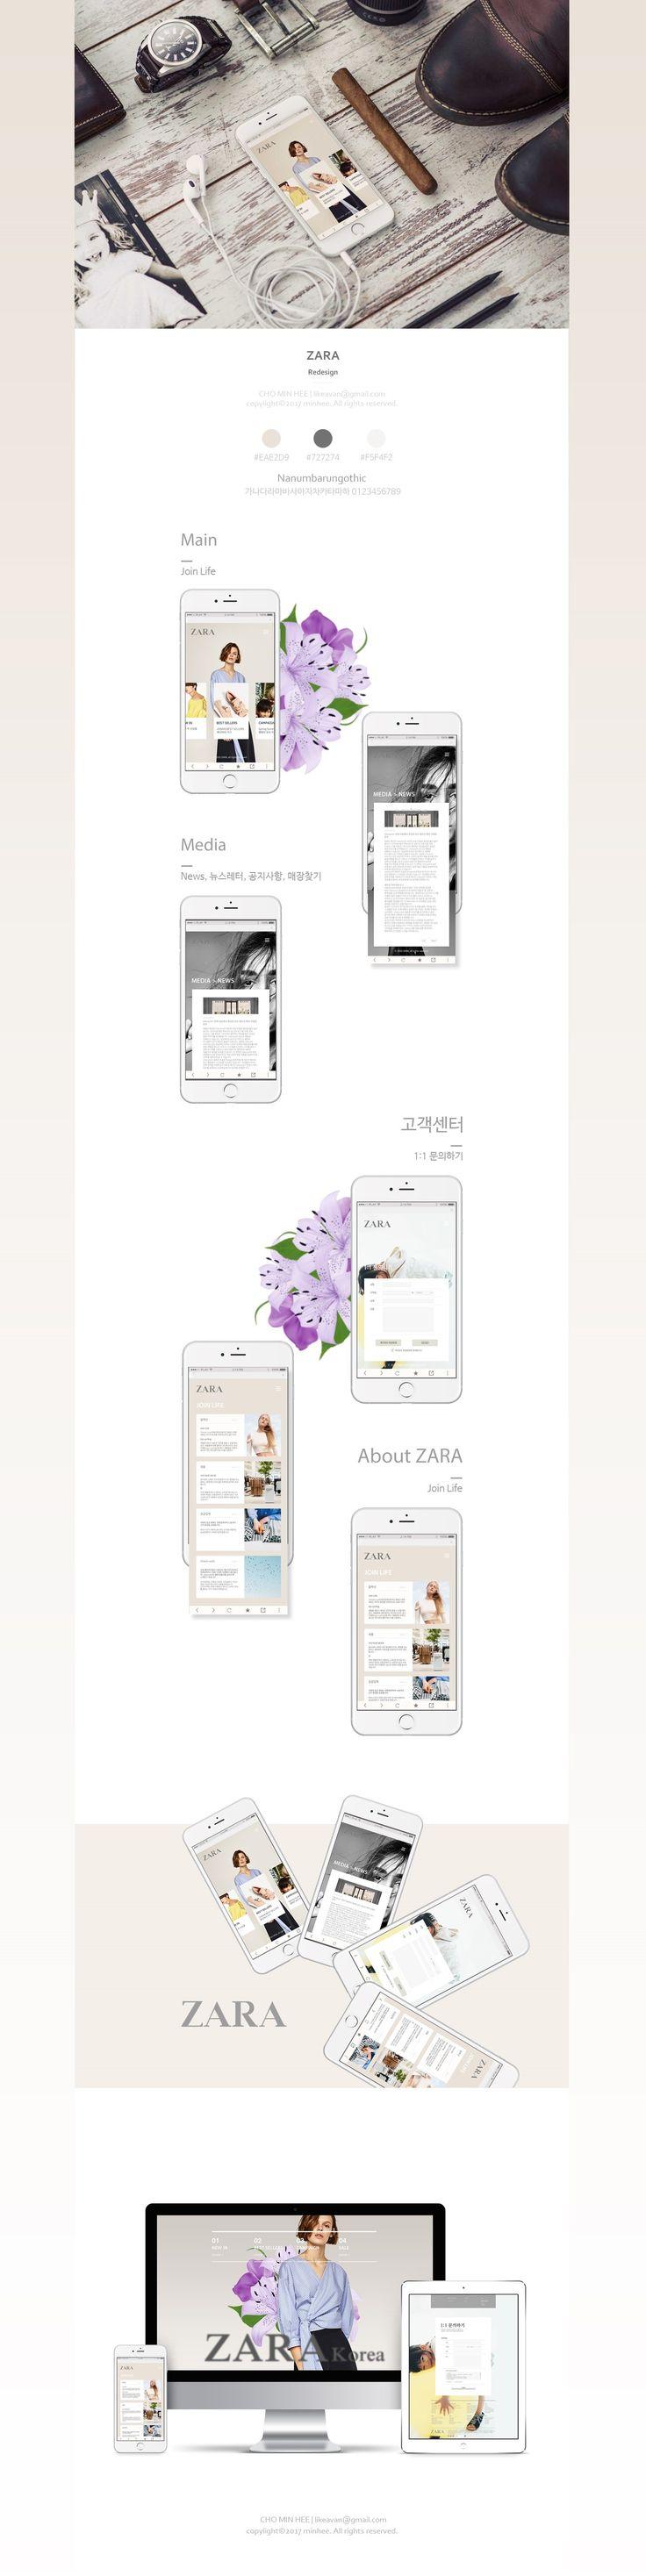 욱스웹디자인아카데미-ZARA Korea mobile redesign - Design by - Cho-minhee